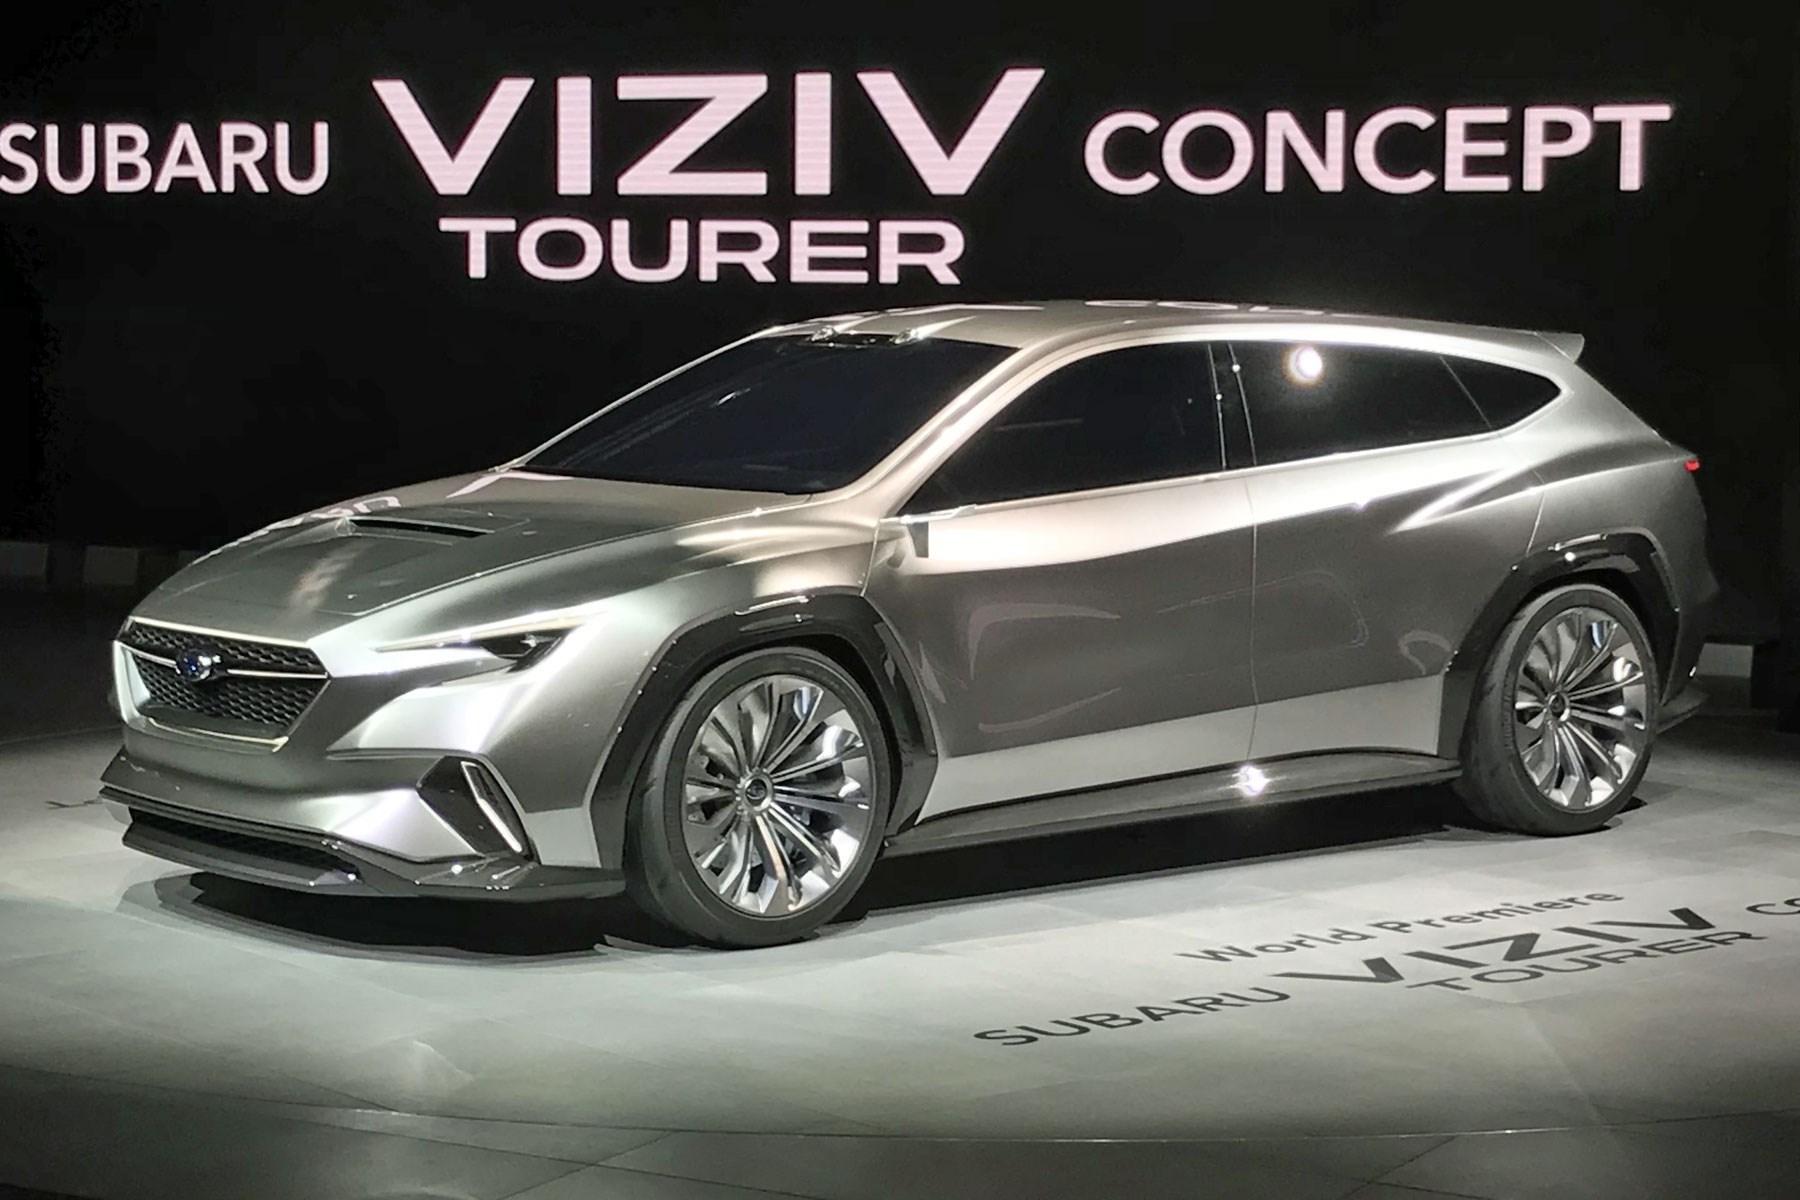 Subaru Viziv Tourer Concept Details